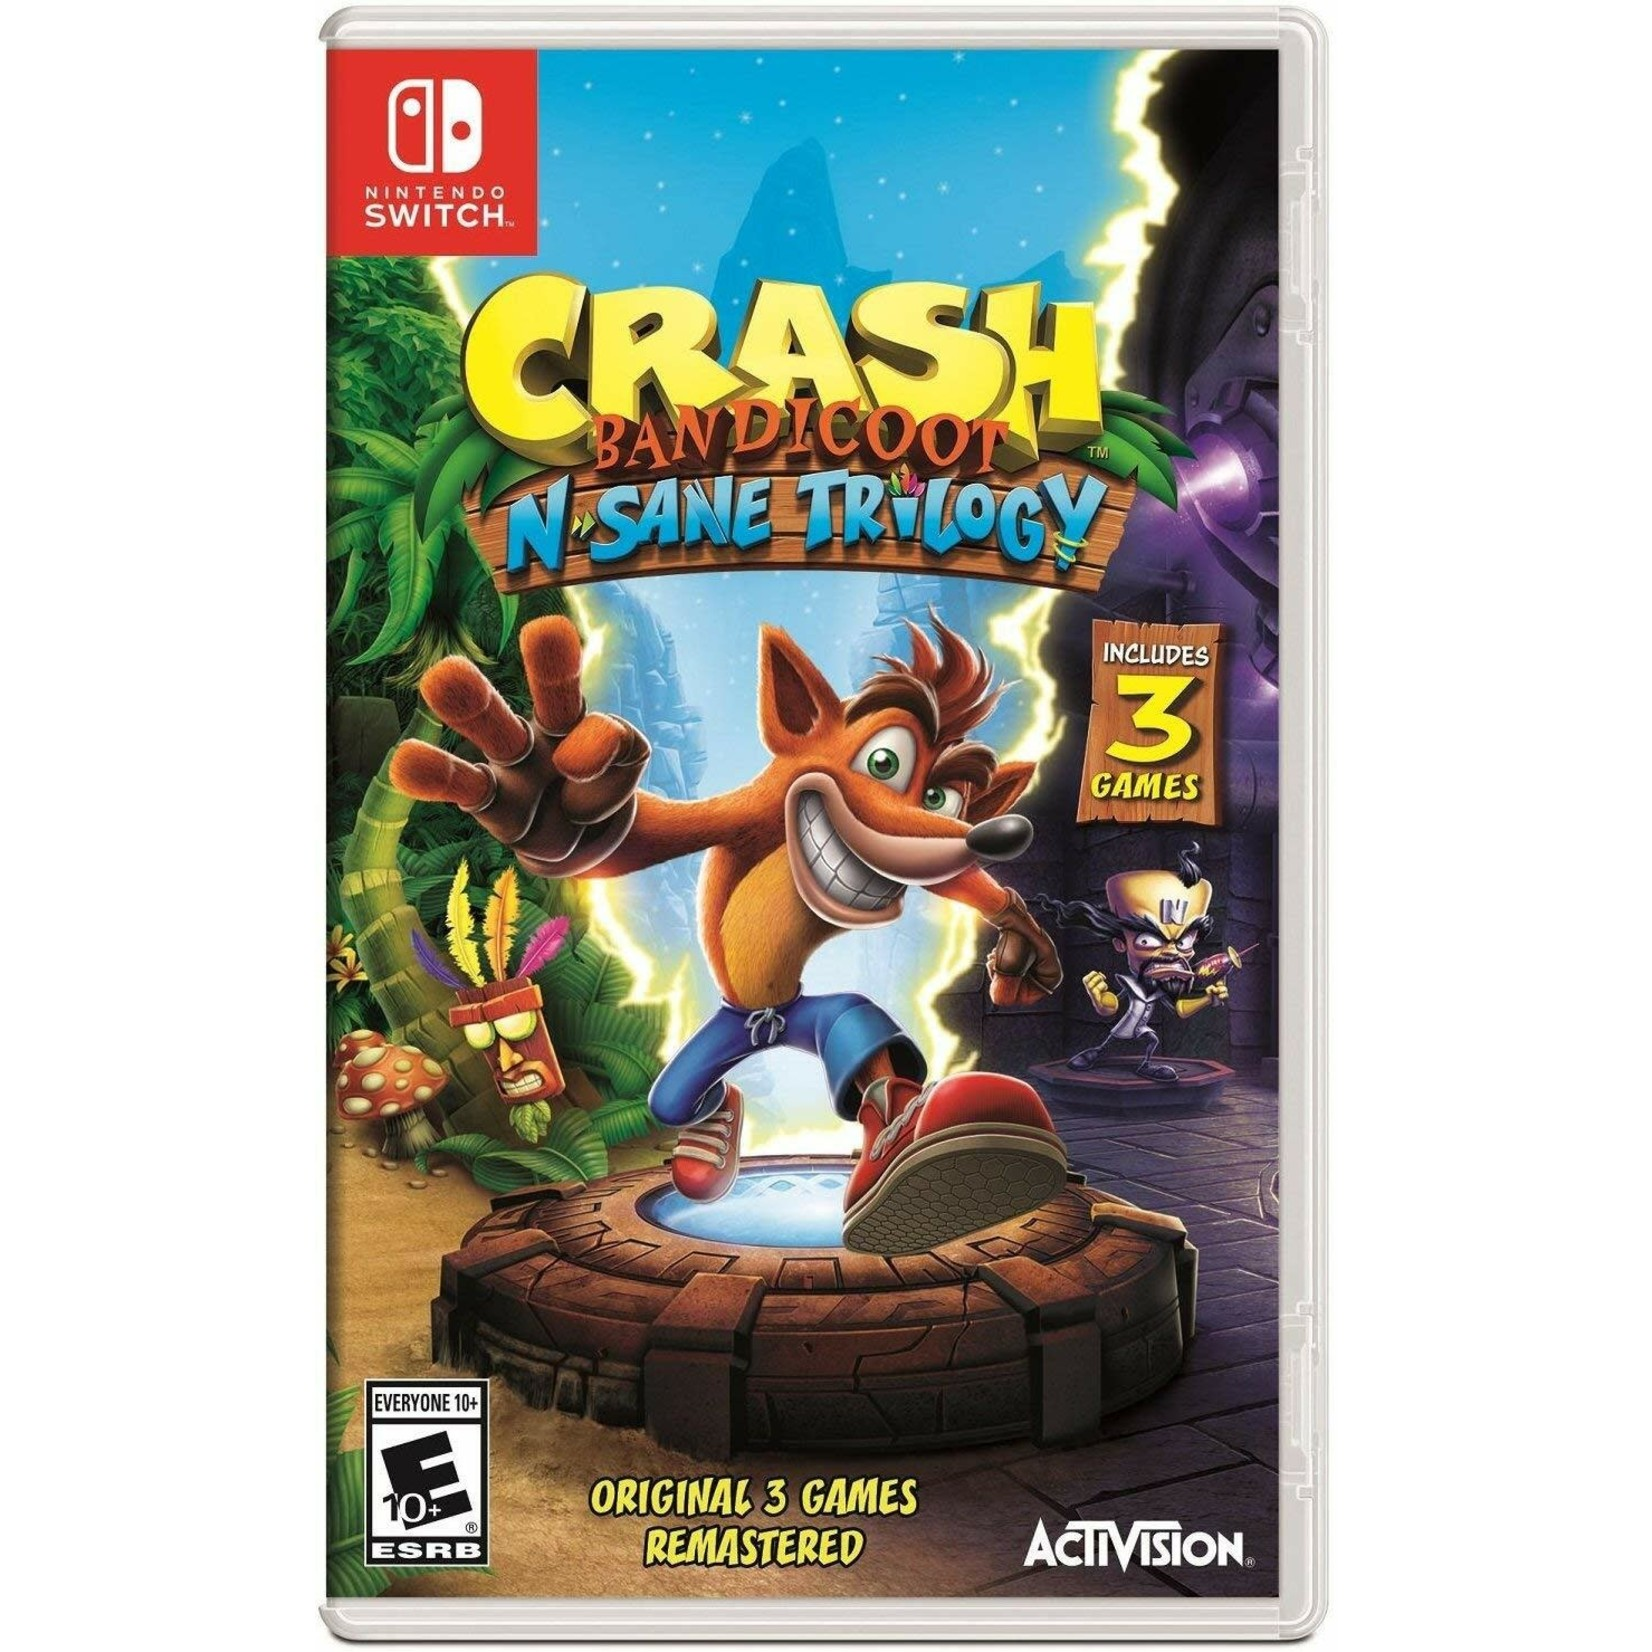 SWITCHU-Crash Bandicoot N.Sane Trilogy